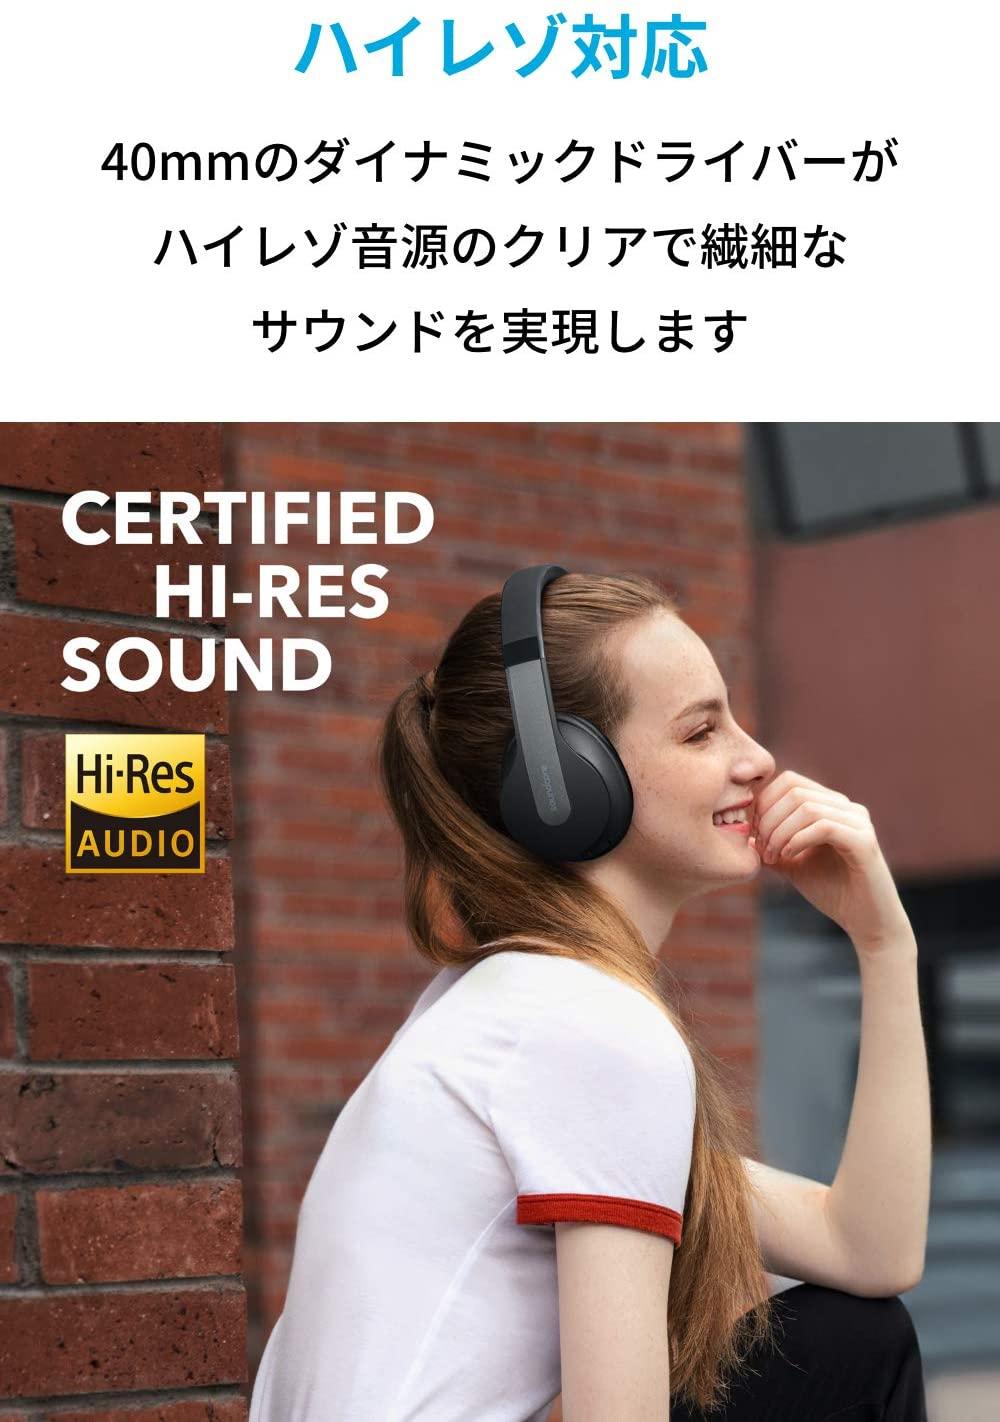 Anker(アンカー) サウンドコア ライフ Q10の商品画像3